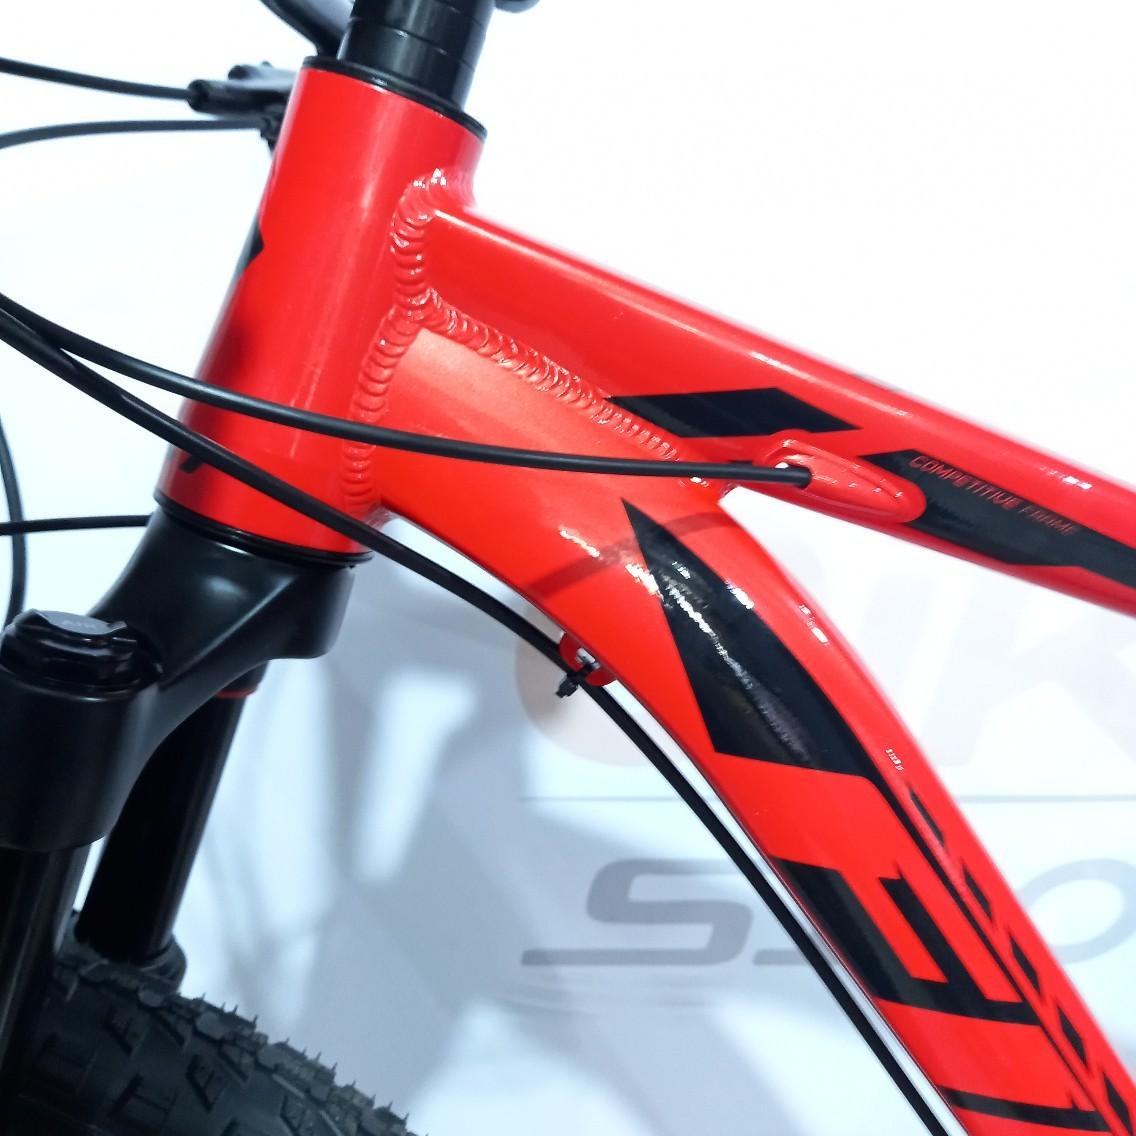 Bicicleta FIRST Active aro 29 - 12v Shimano SLX - K7 Shimano SLX 10/51 dentes - MELHOR CUSTO BENEFÍCIO DA CATEGORIA